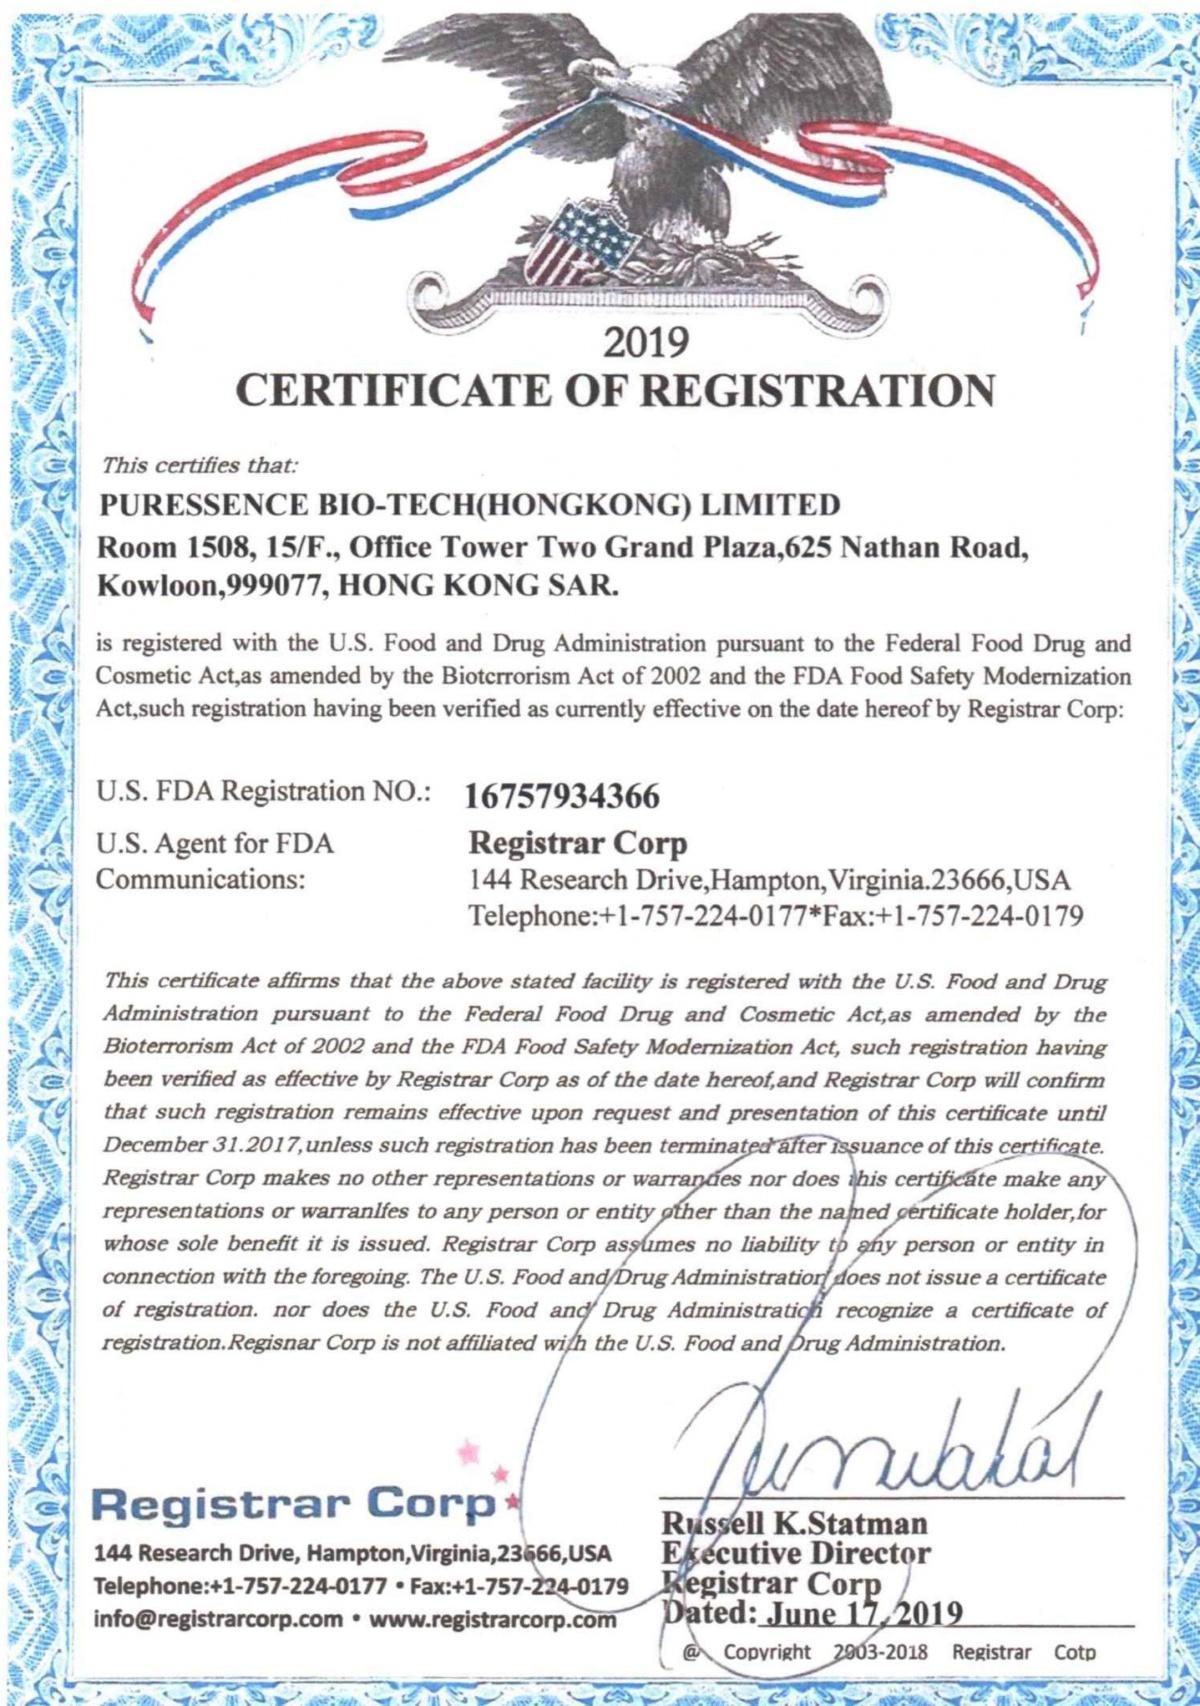 香港纯菁公司FDA登记证书_11.jpg